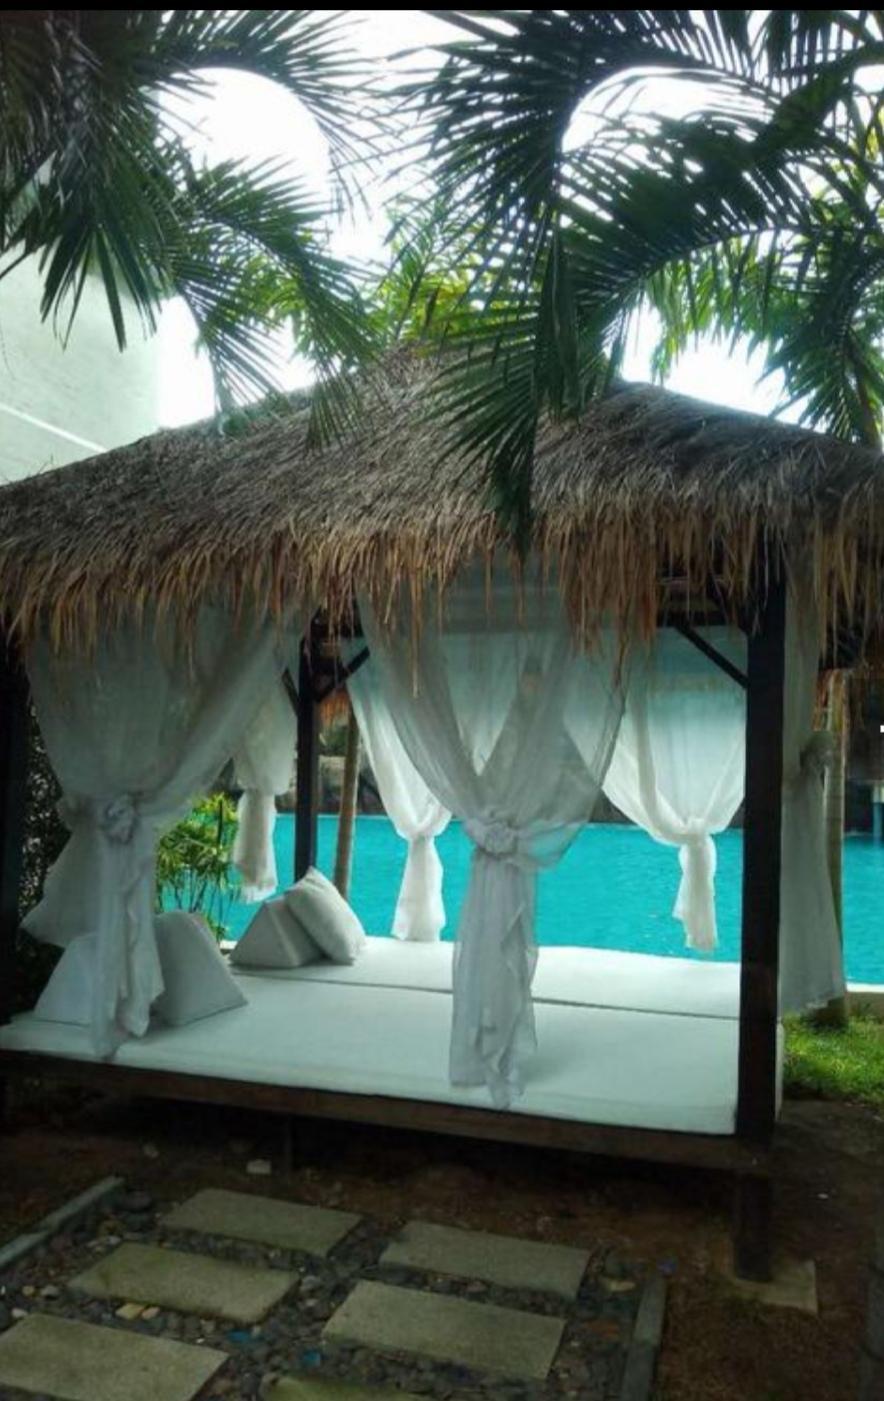 Pattaya Maldives Largest Pool View Chill